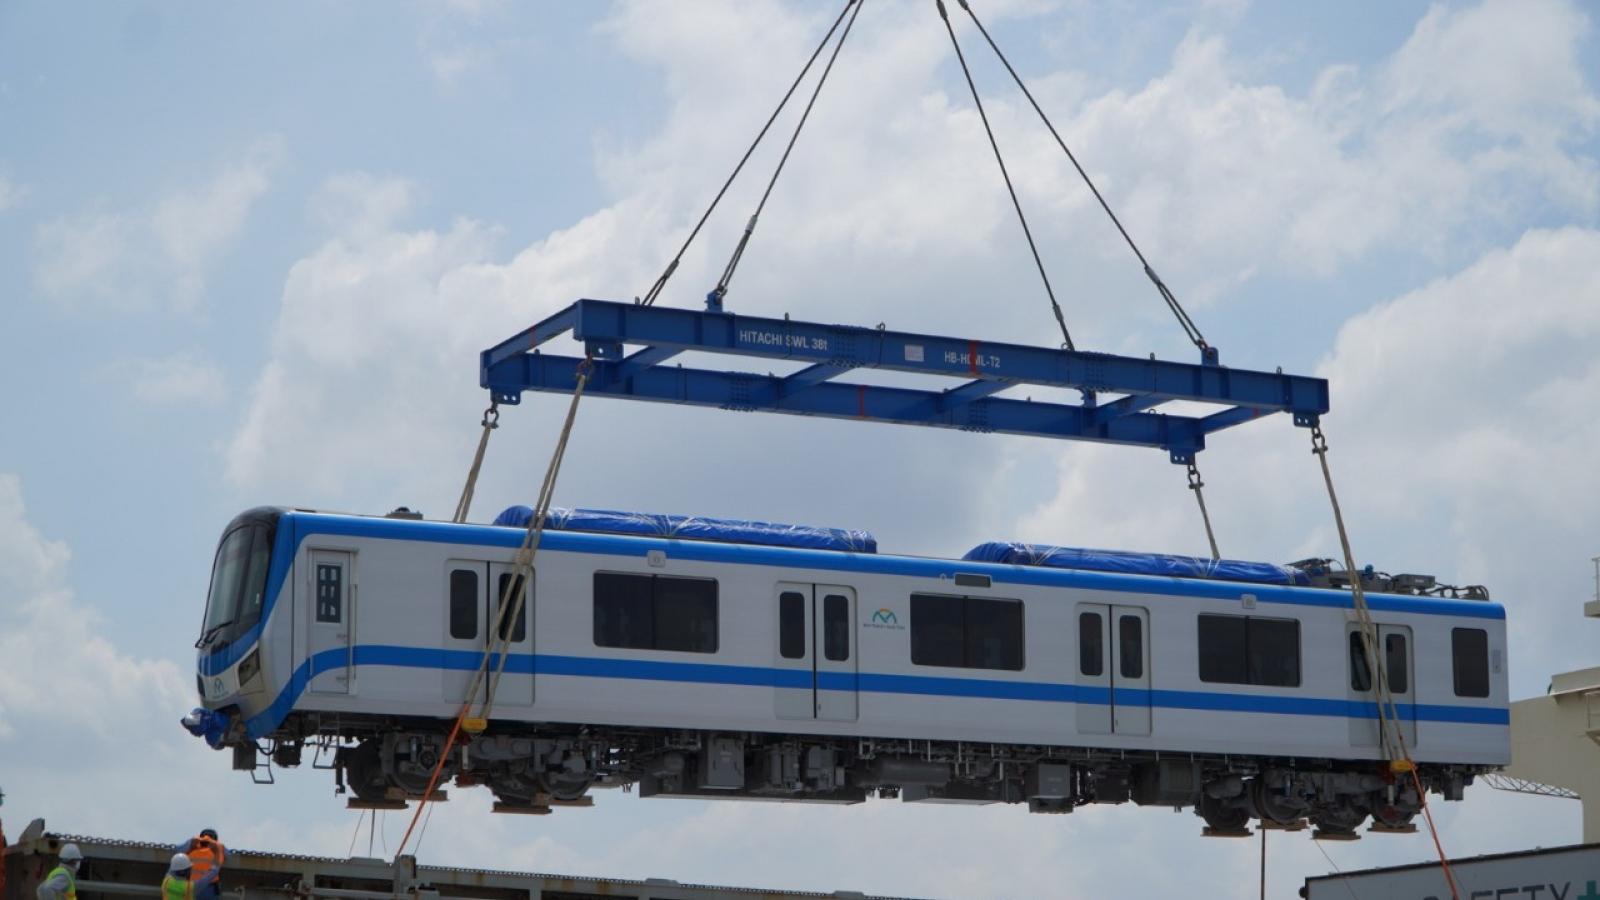 Thêm 6 toa tàu metro số 1 cập cảng ở TP.HCM